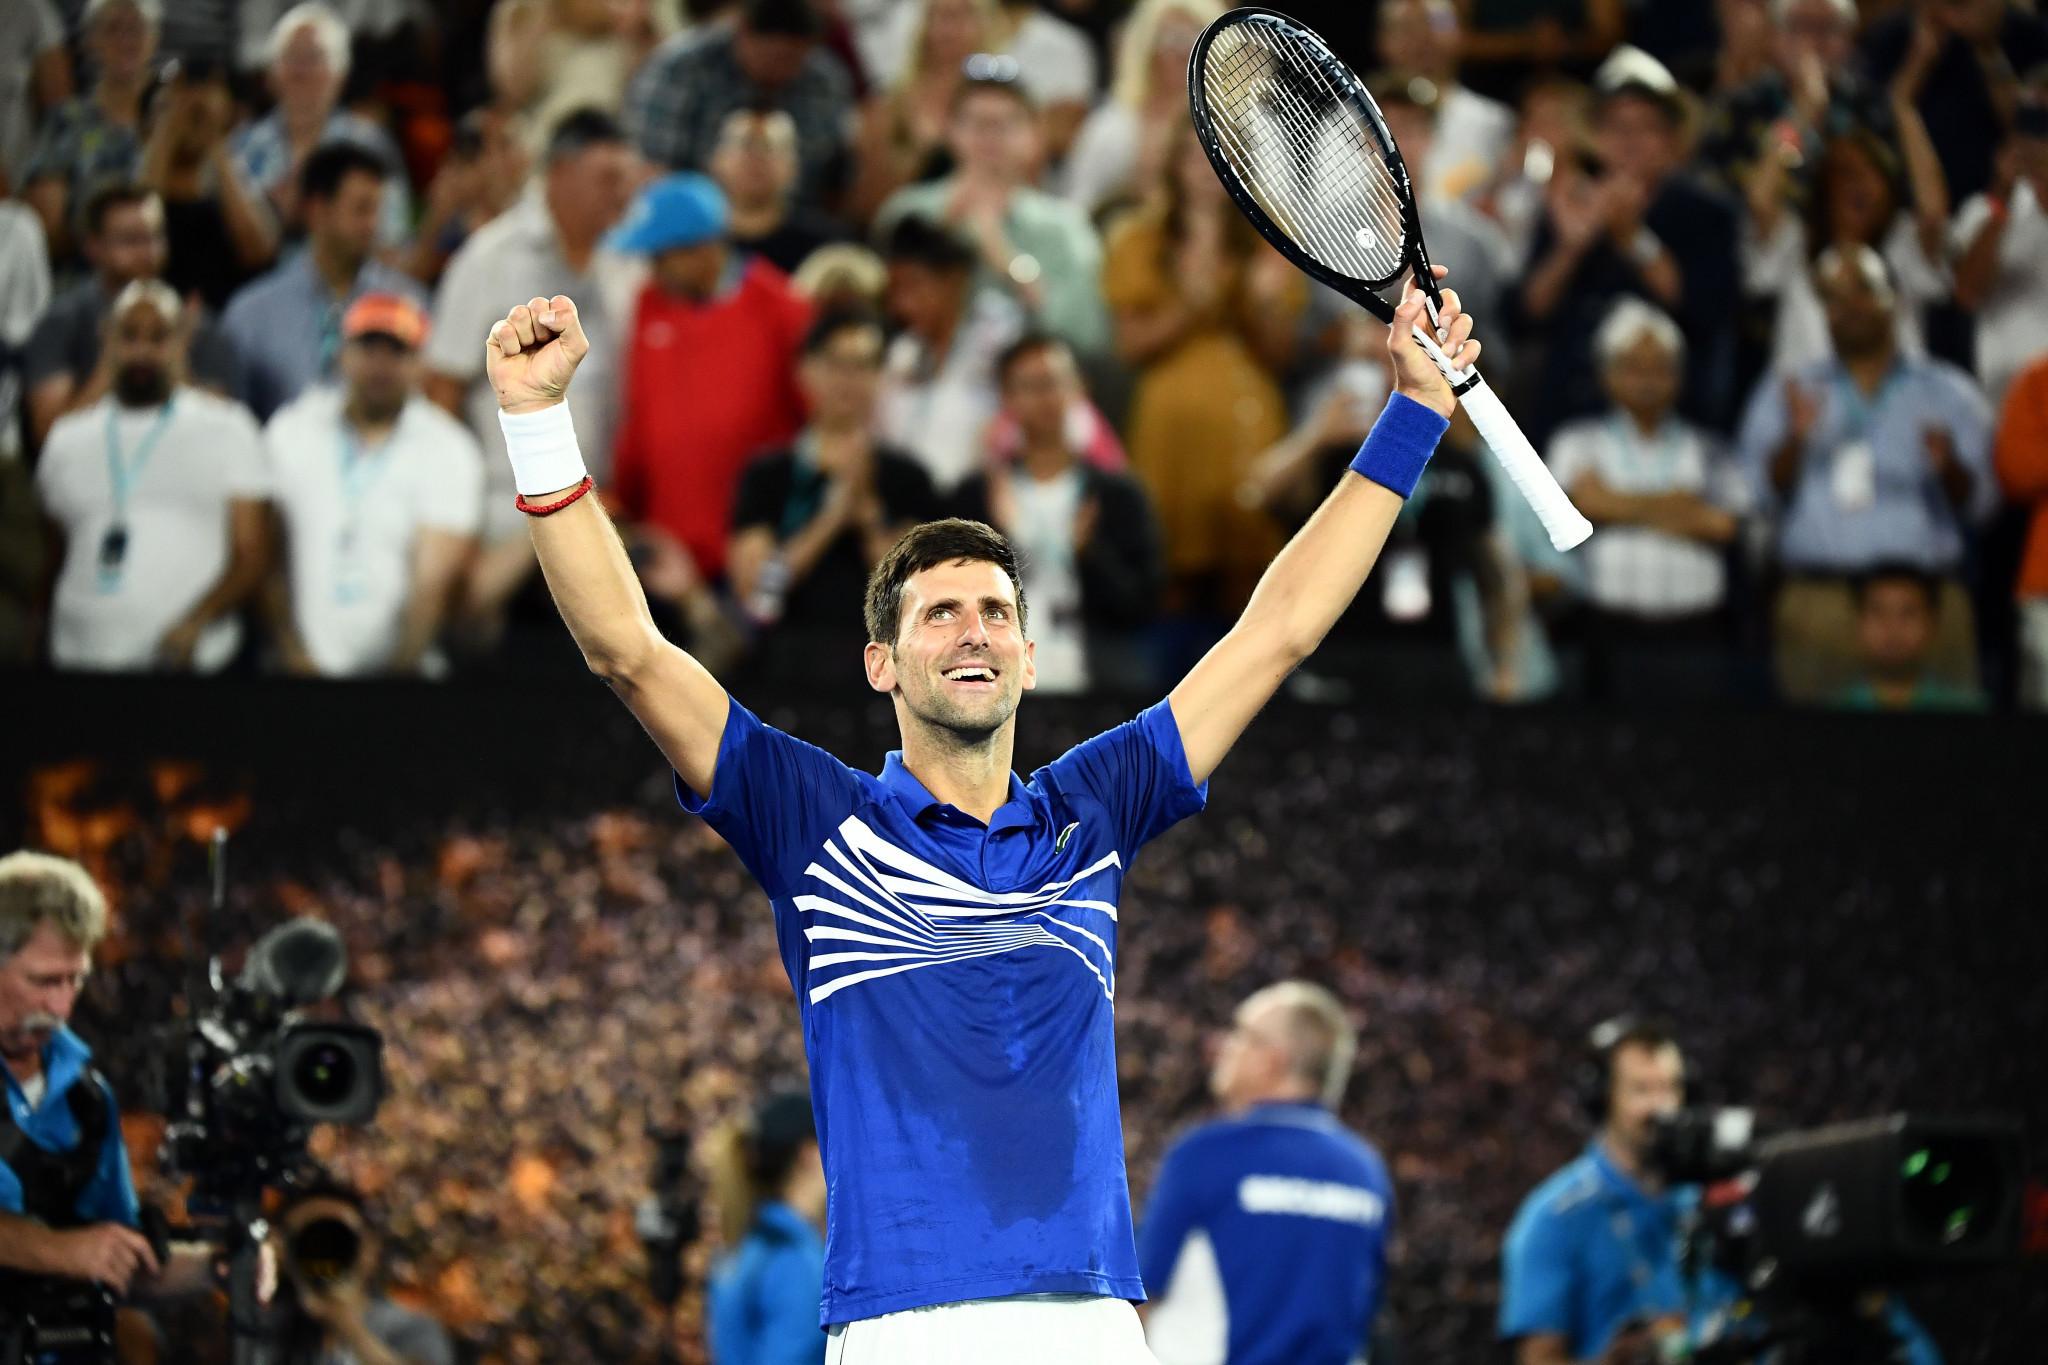 Djokovic sets up Nadal showdown in Australian Open final